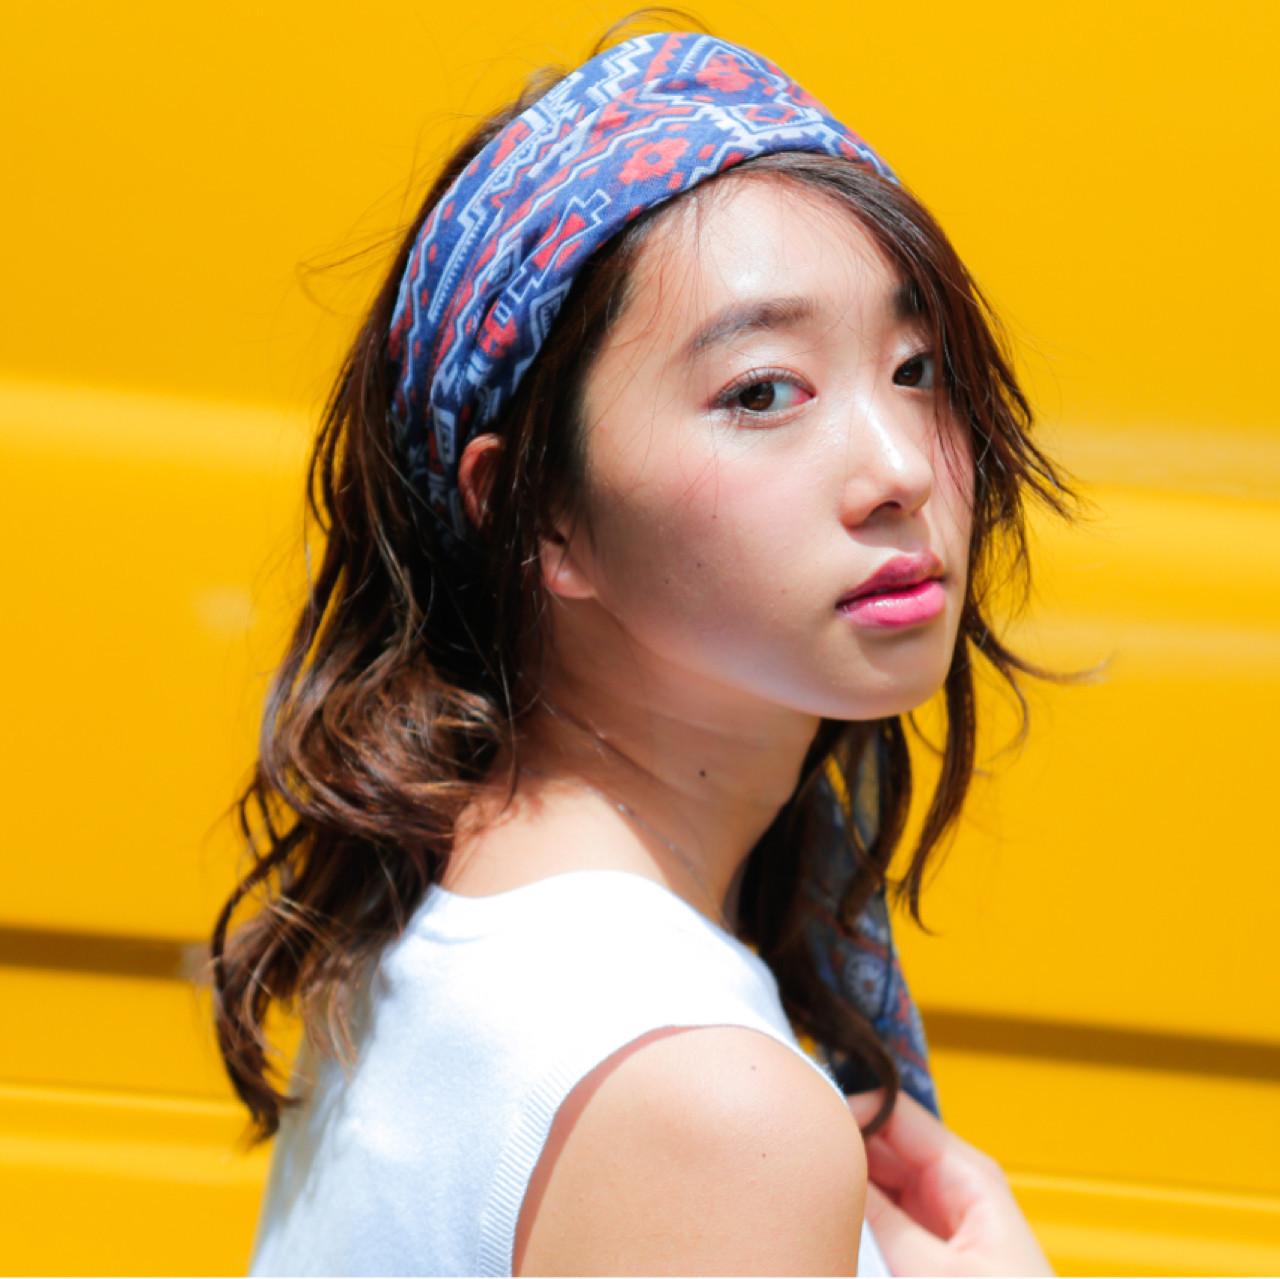 シンプルファッションにマッチ!バンダナを使ったおすすめヘアアレンジ 宮島利沙